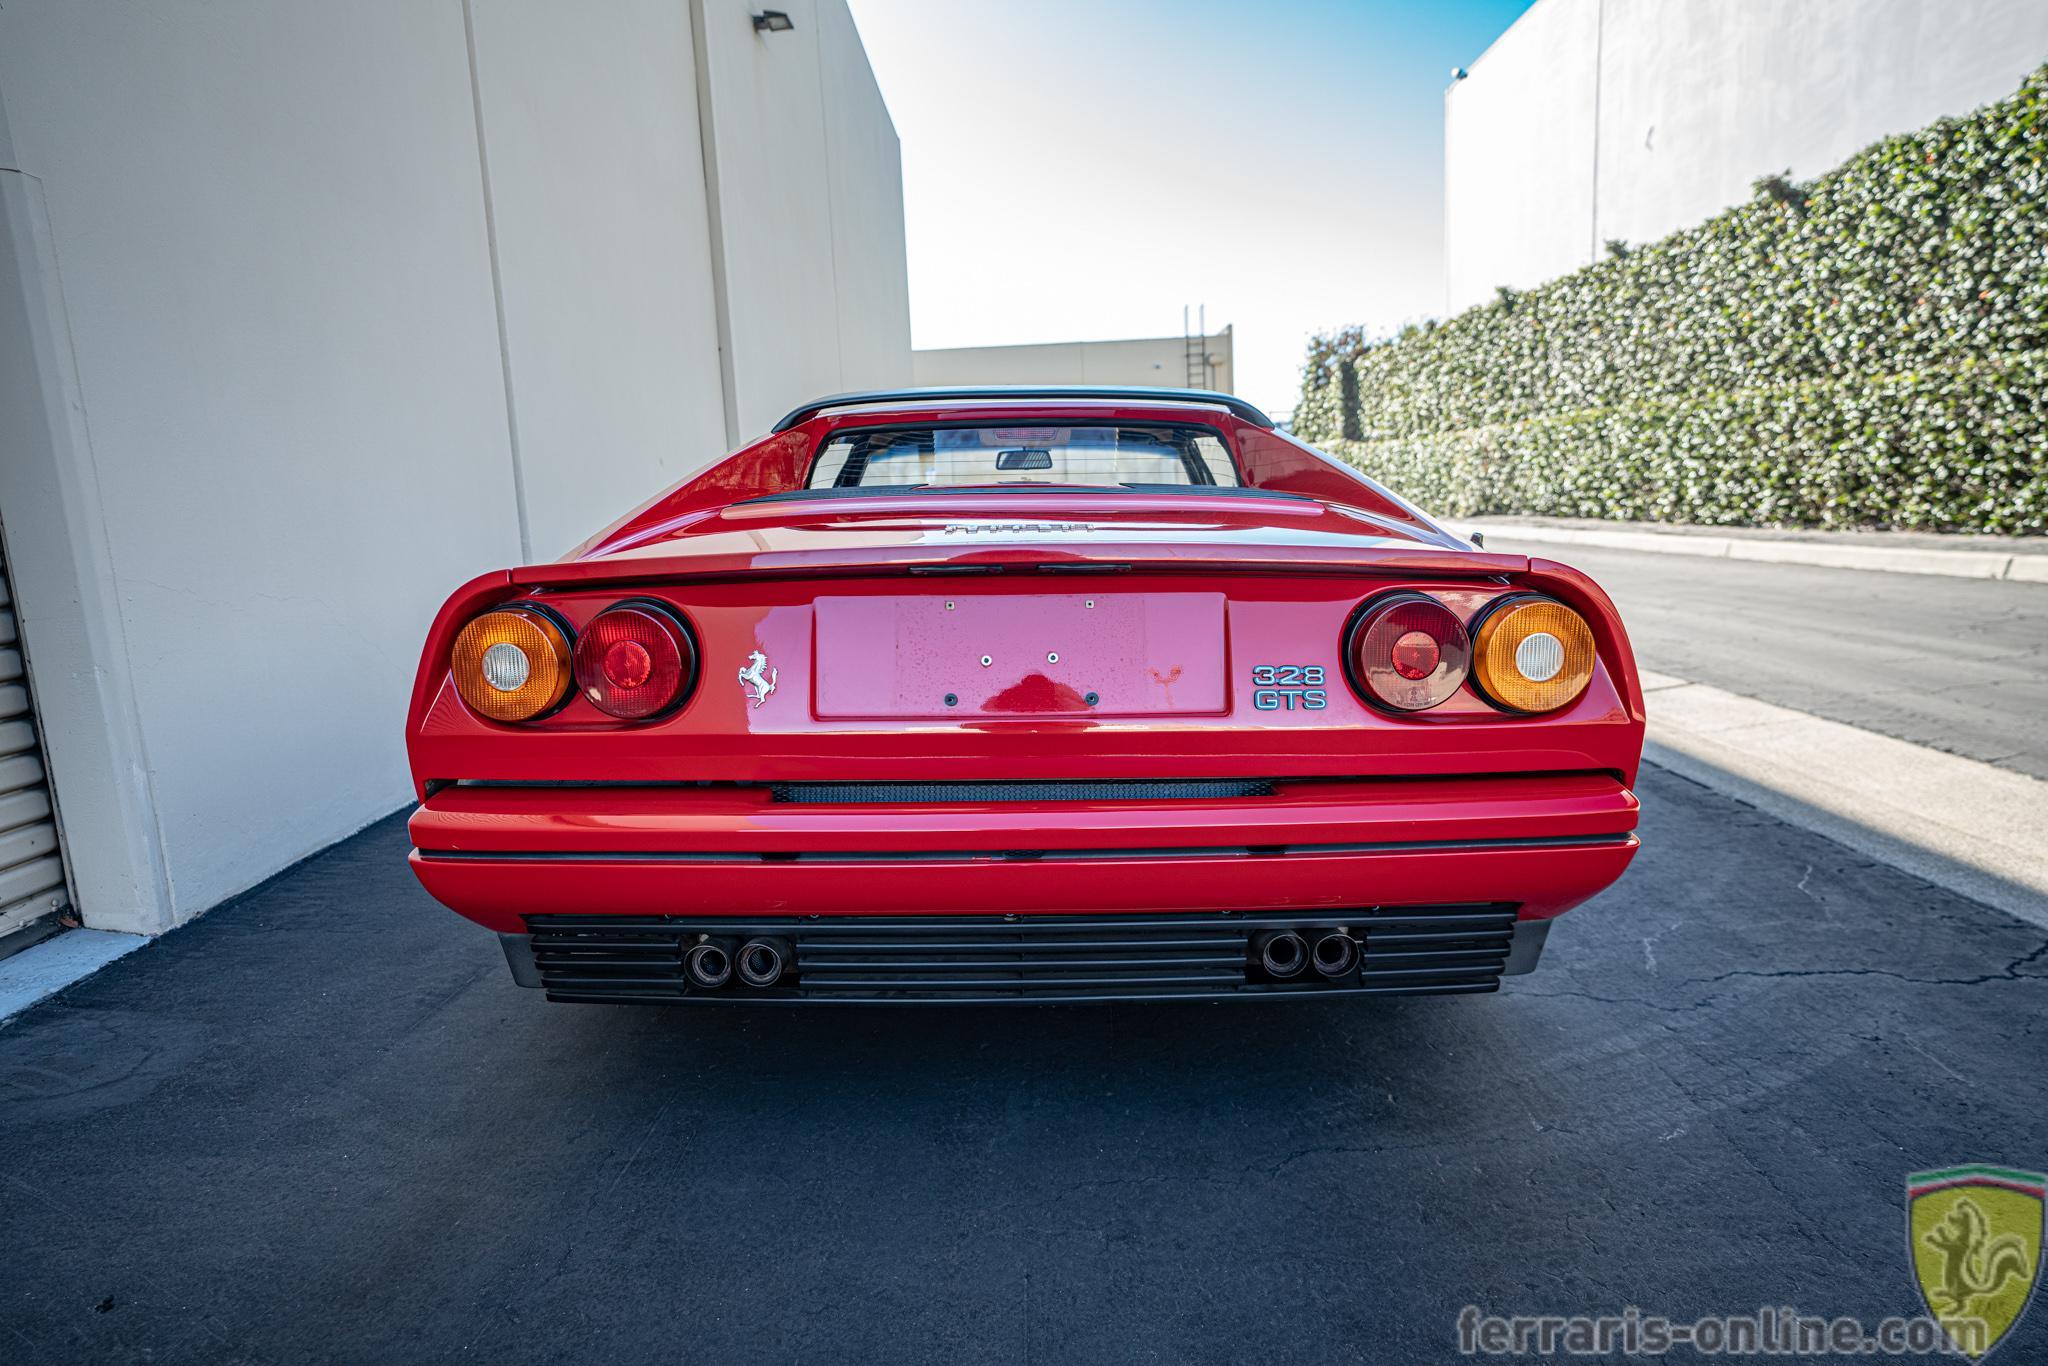 1988 Ferrari Classiched 328 GTS #77741